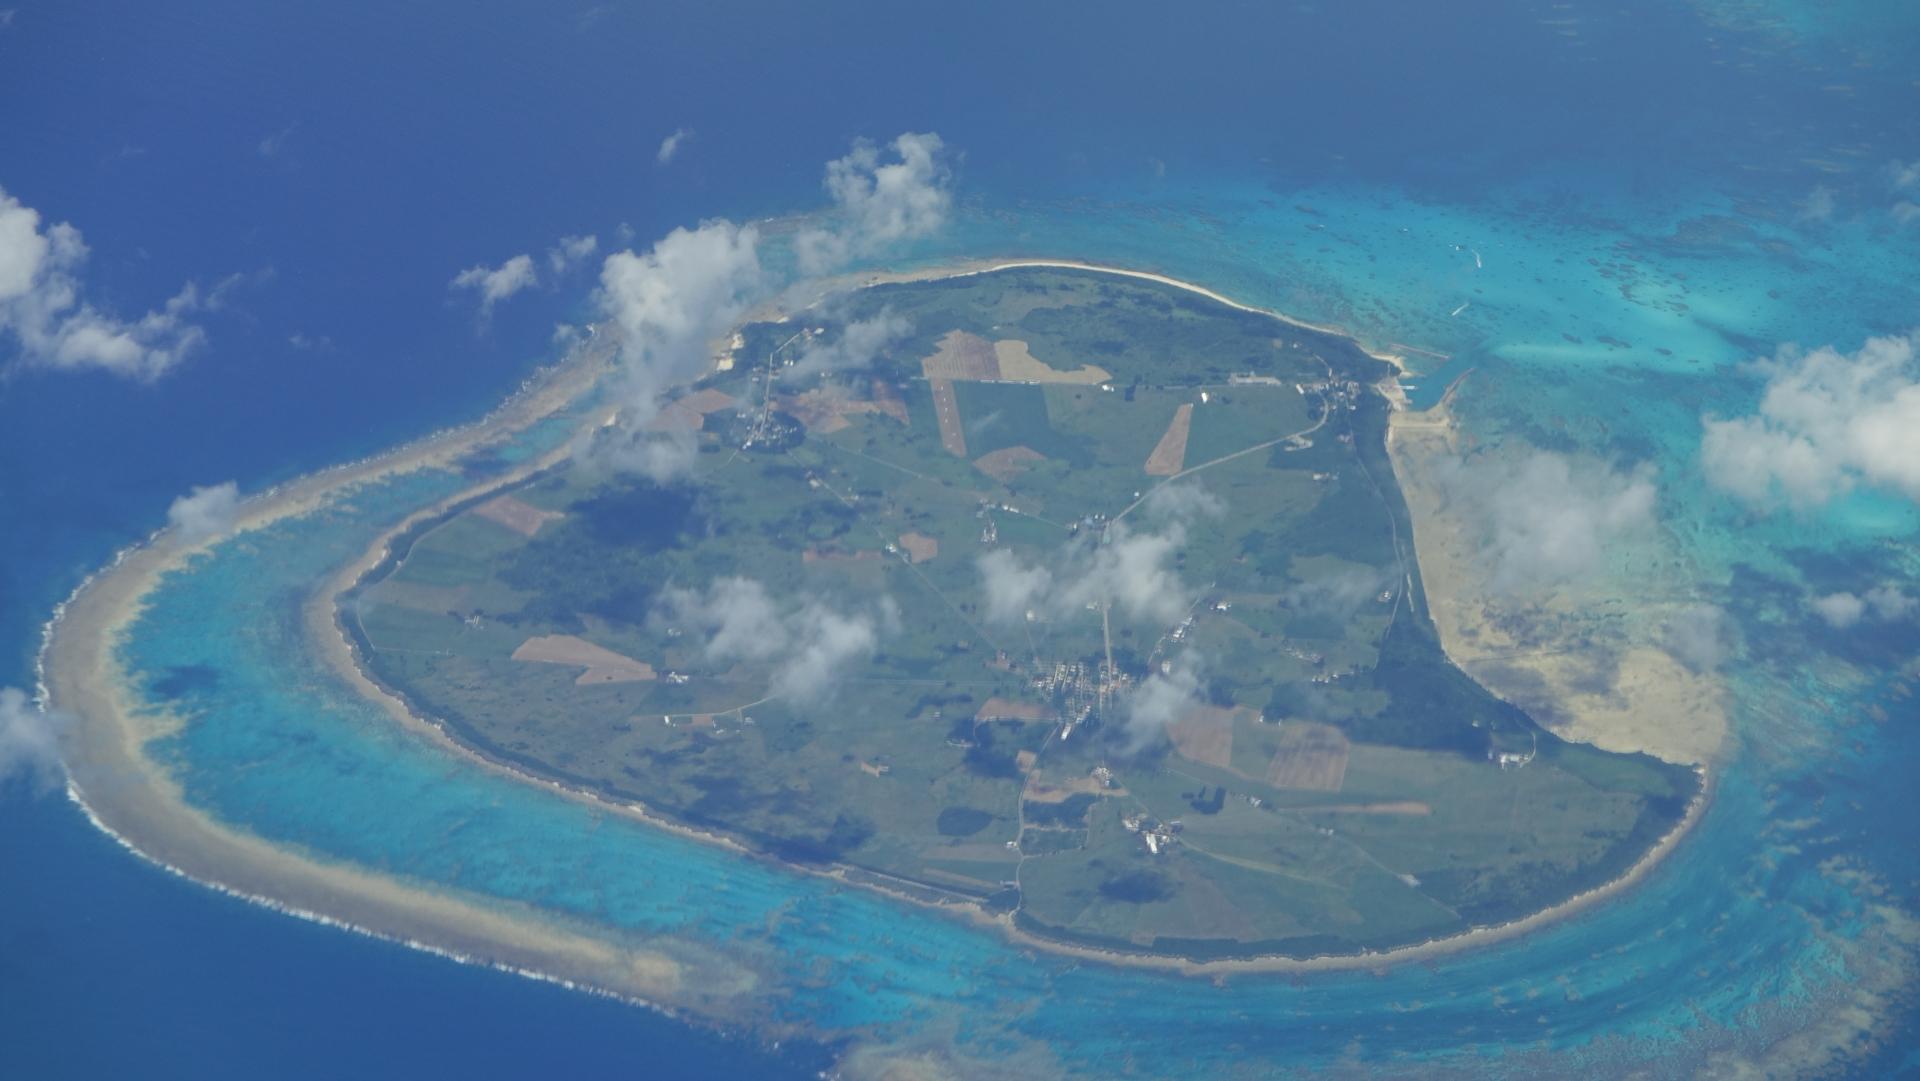 ハートアイランド黒島を上空から撮影